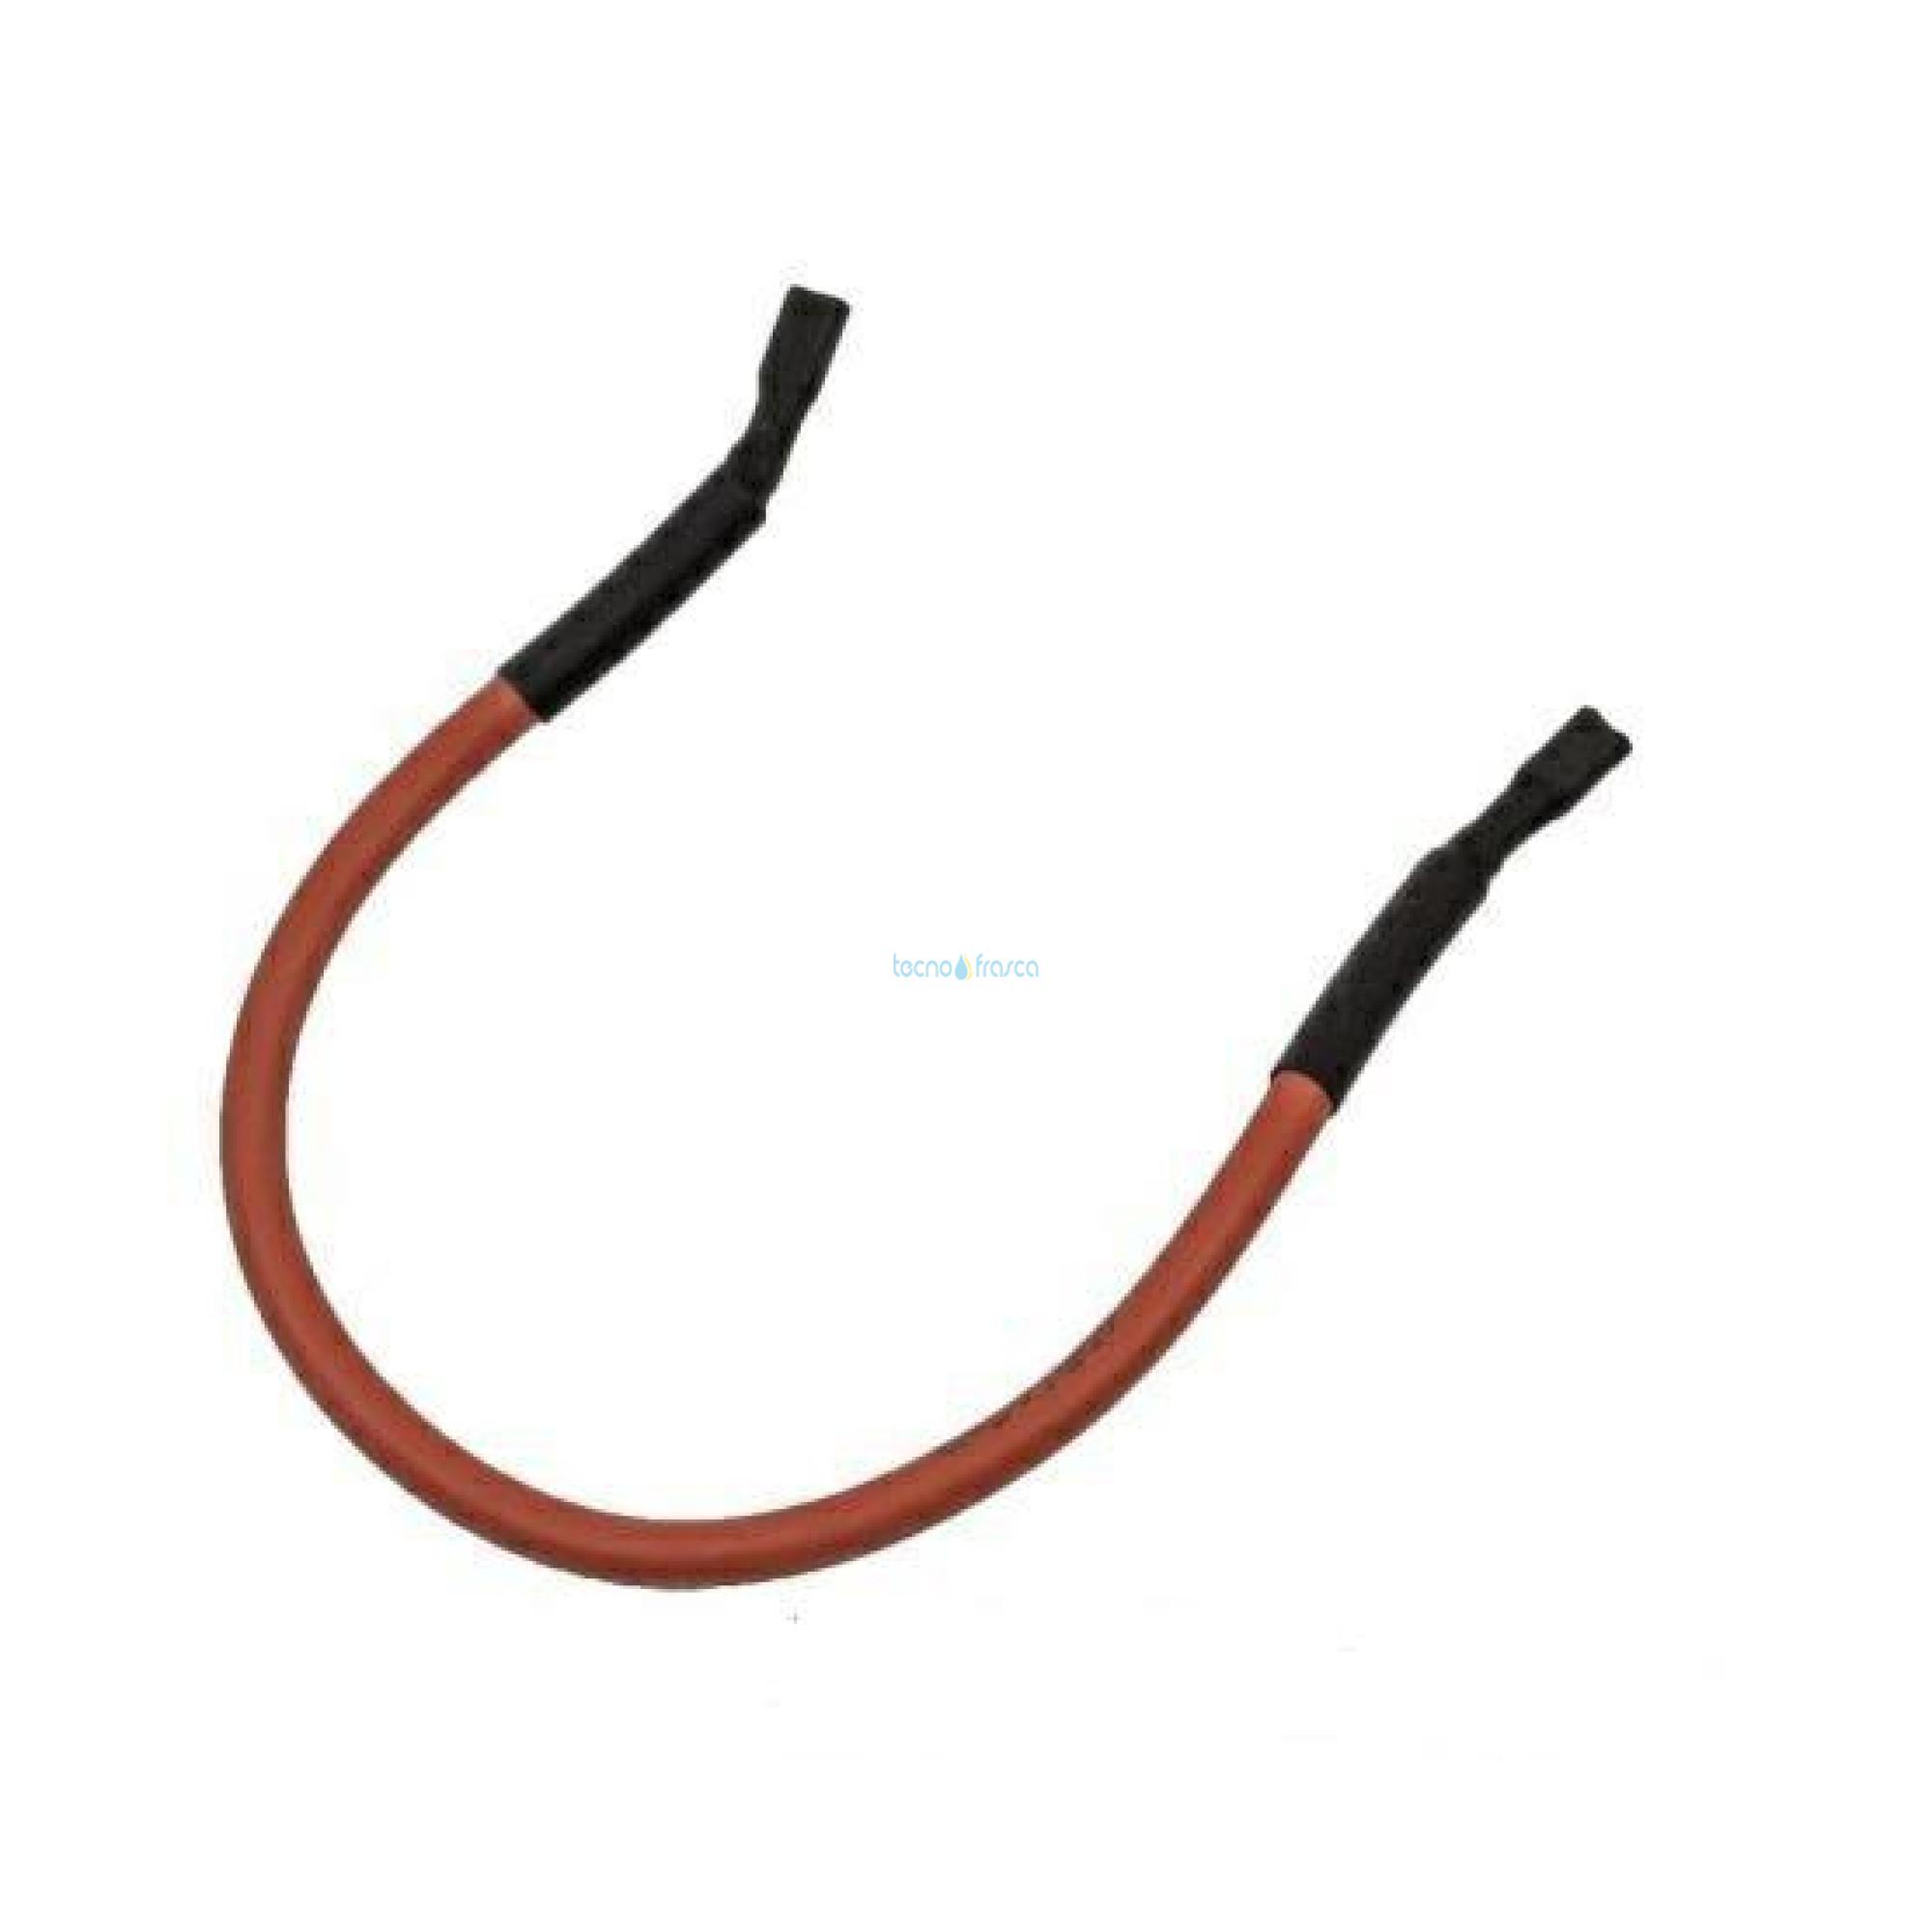 Baxi cavo accenditore per connettore nac jjj008419050